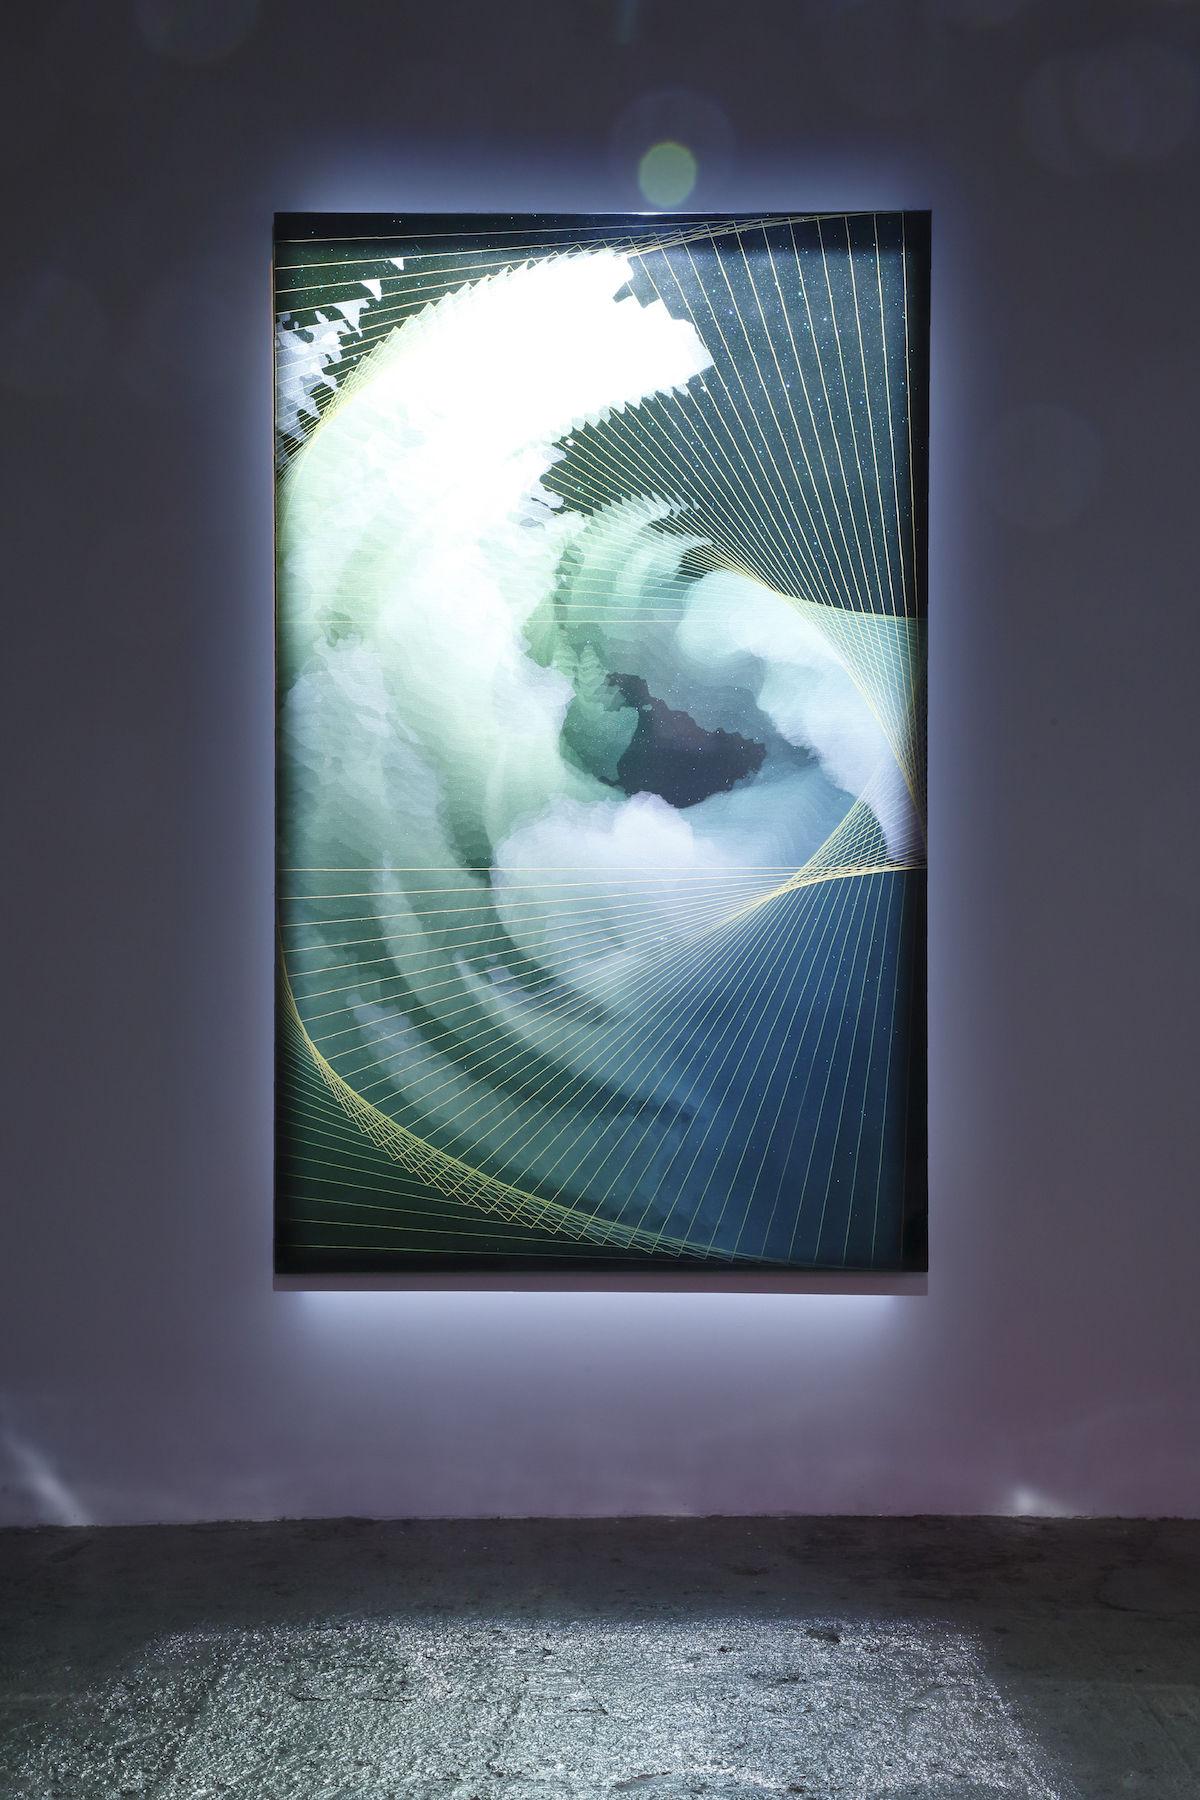 科学と美術が出会う<再n邂逅する科学と美術の試み>開催!研究者と交流をしながら作品を滞在制作 art180227_2018airexhibition_1-1200x1800